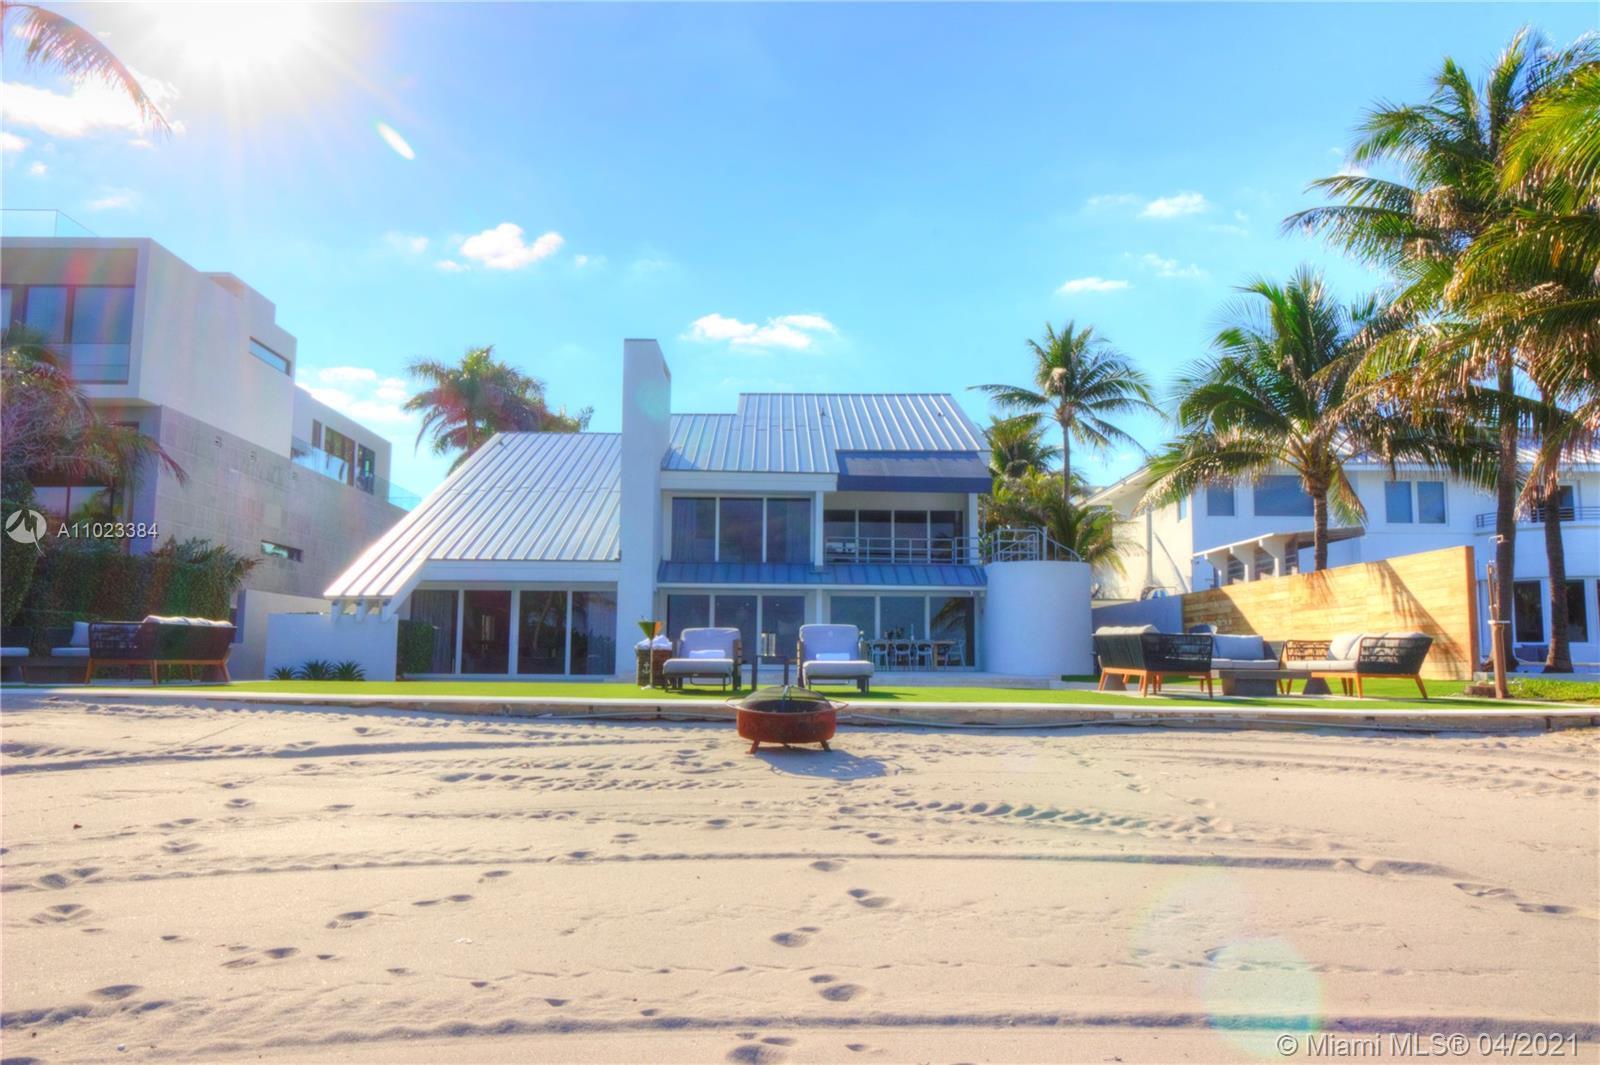 Golden Beach - 275 Ocean Blvd, Golden Beach, FL 33160